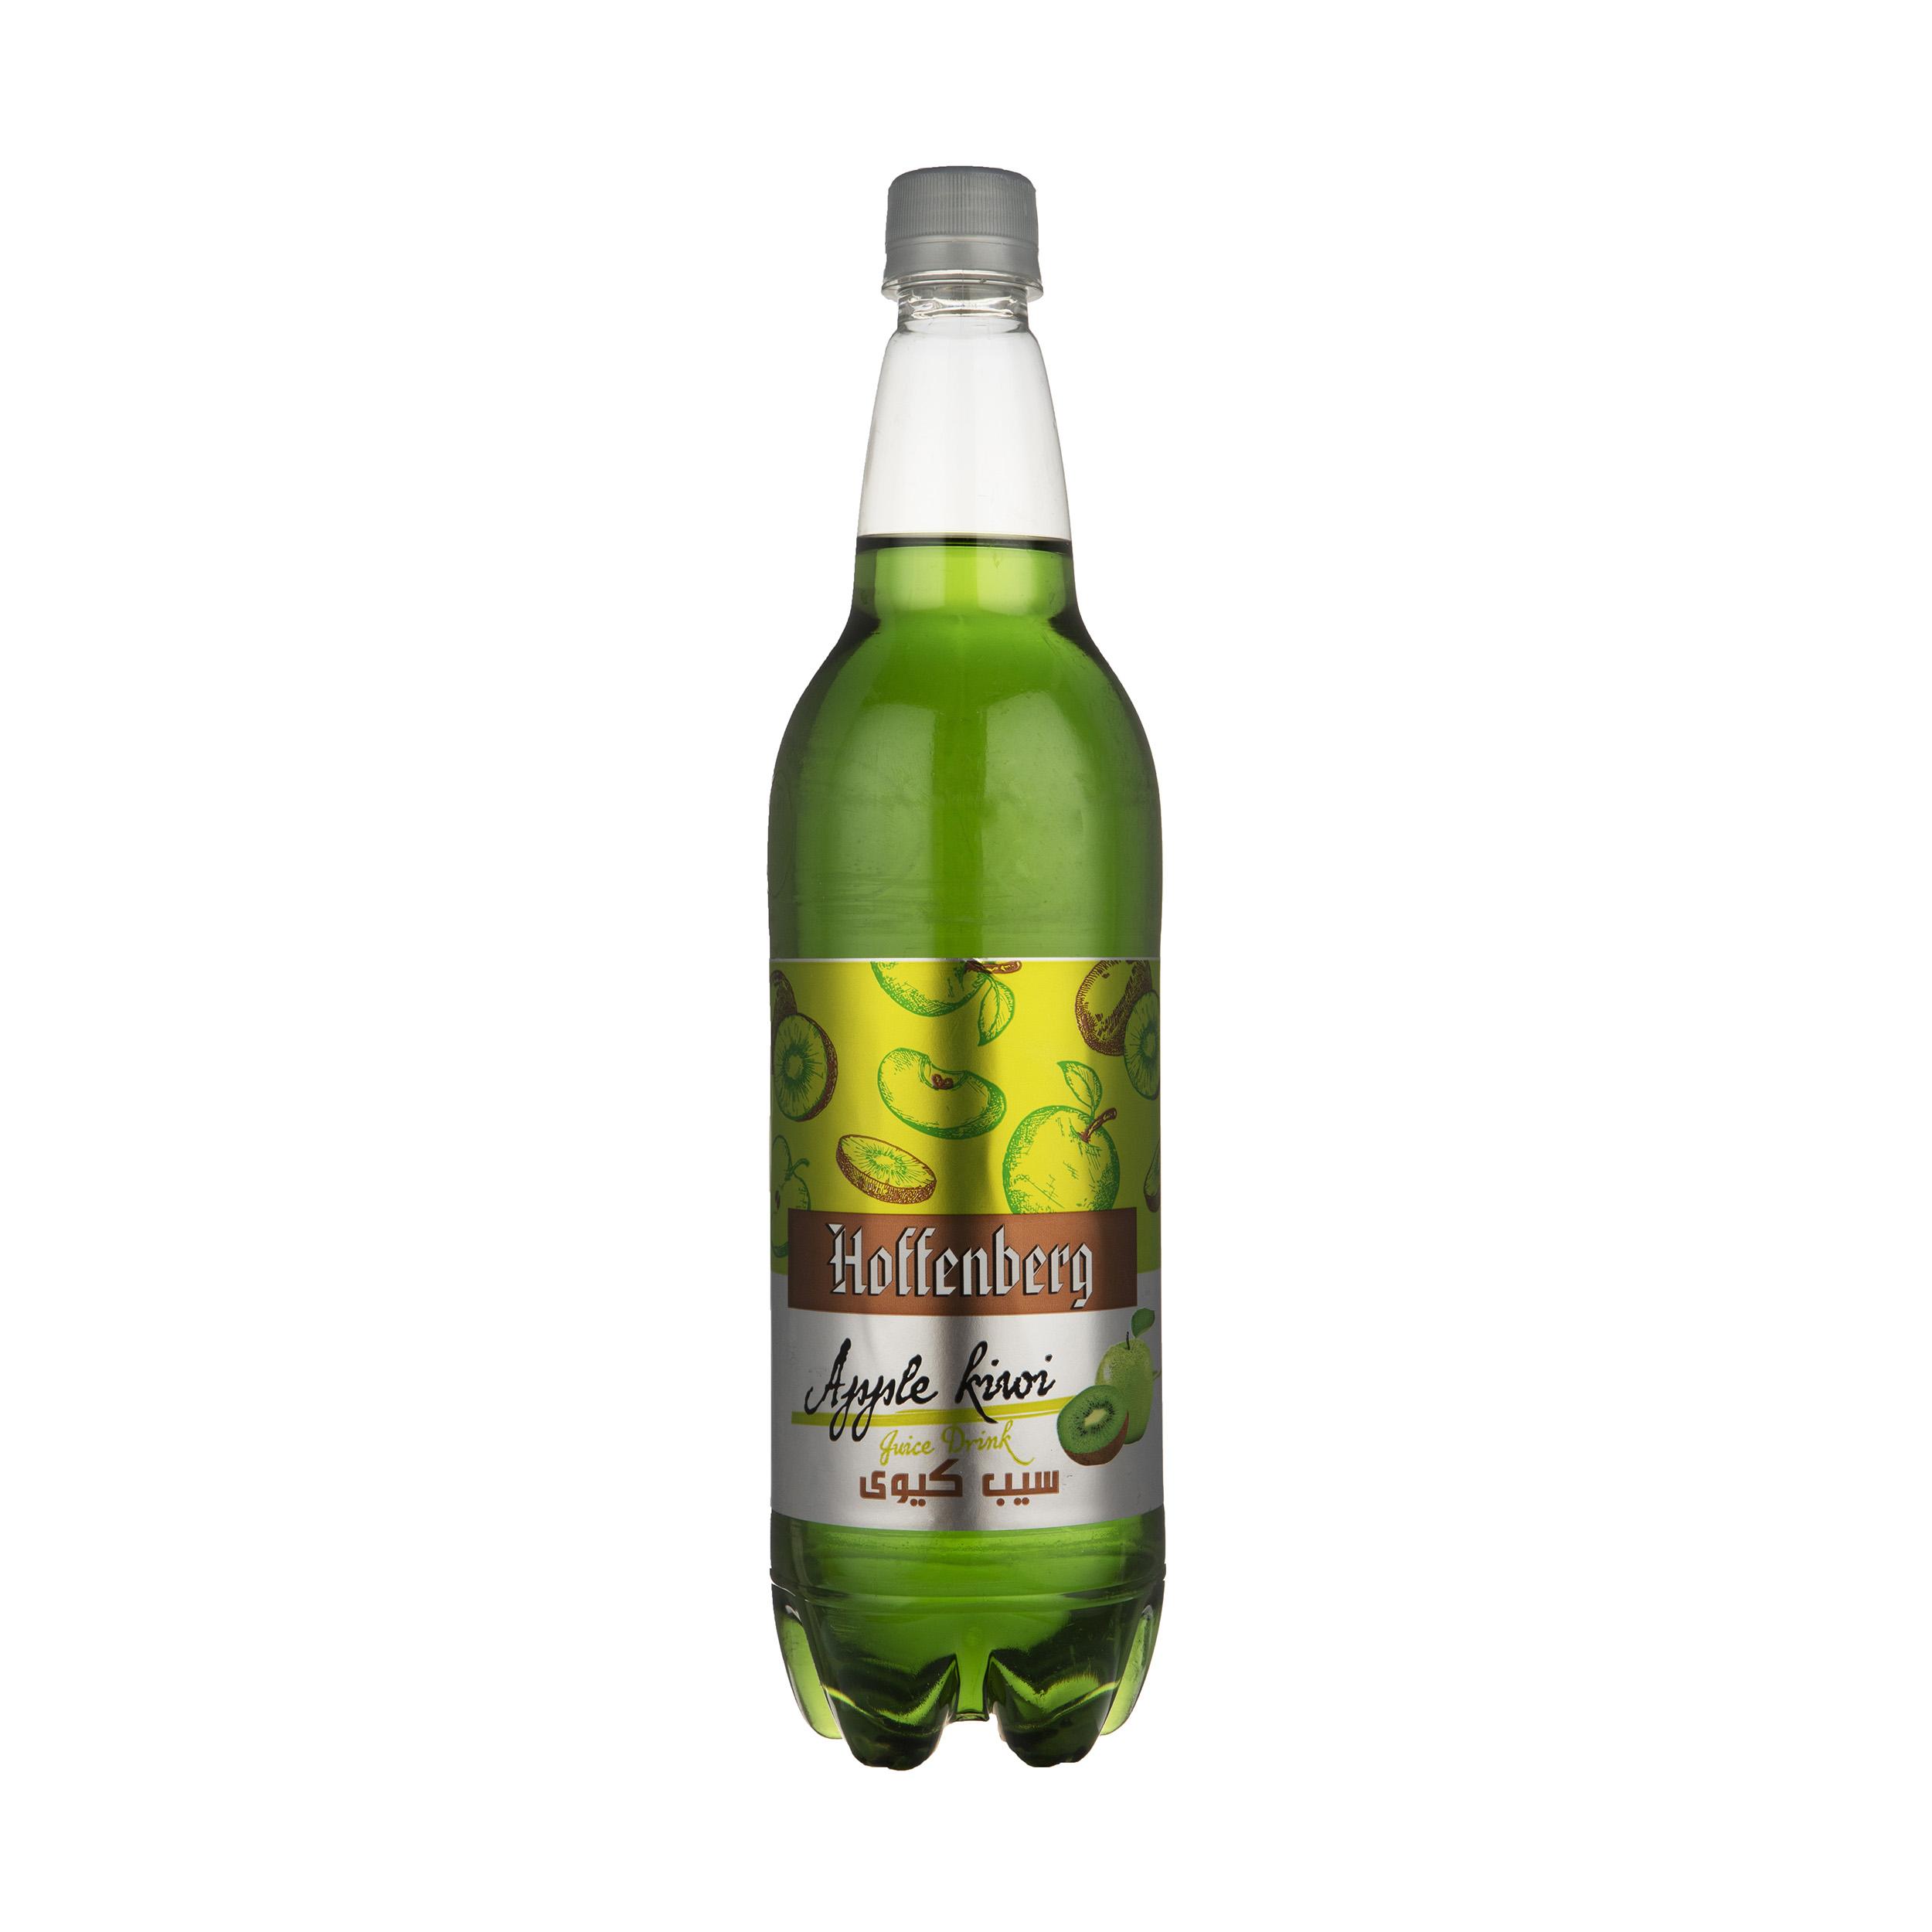 نوشیدنی گاز دار سیب کیوی هوفنبرگ - 1 لیتر